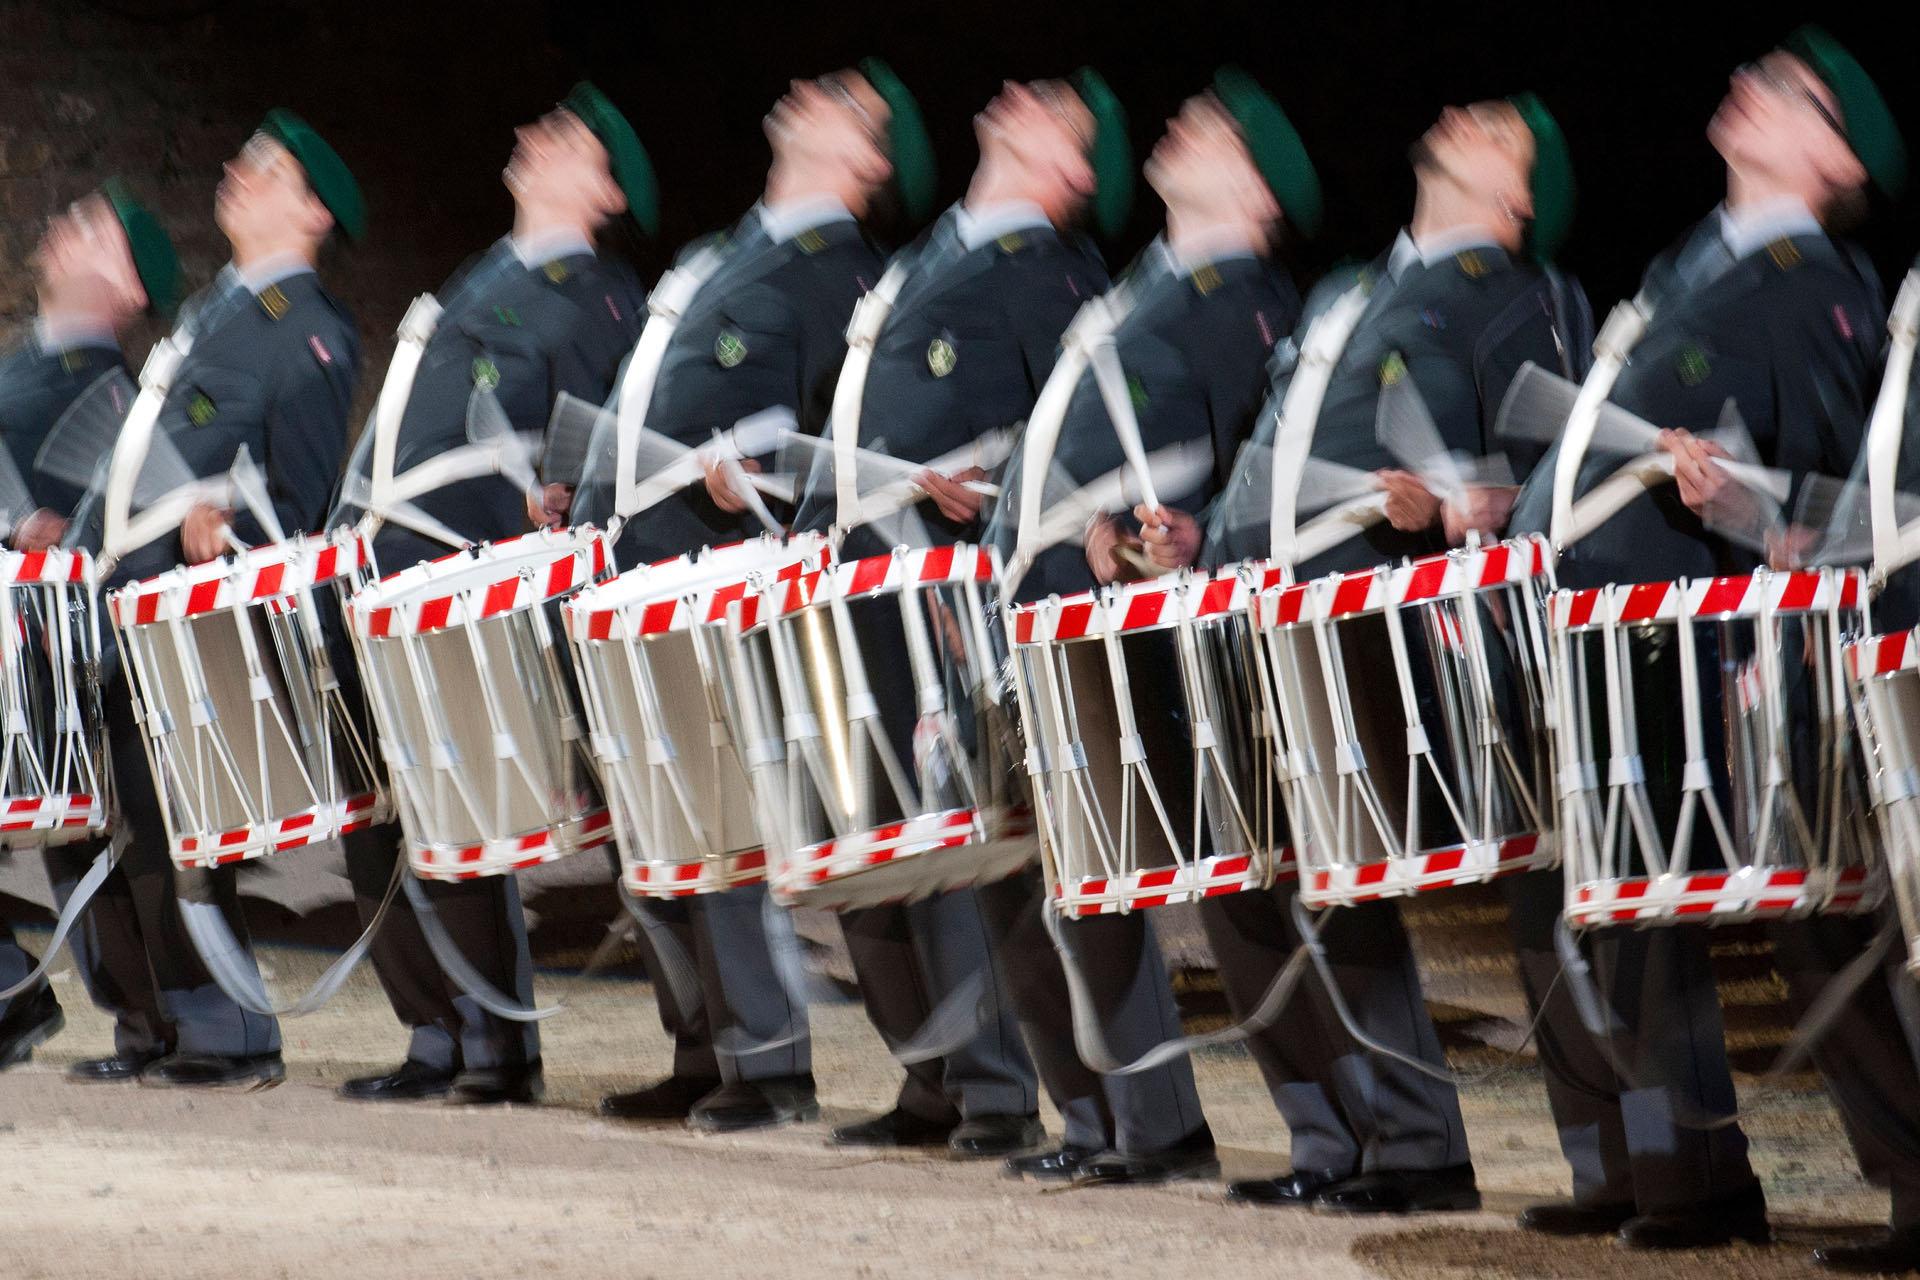 Aventicum Musical Parade - Avenches - 2010